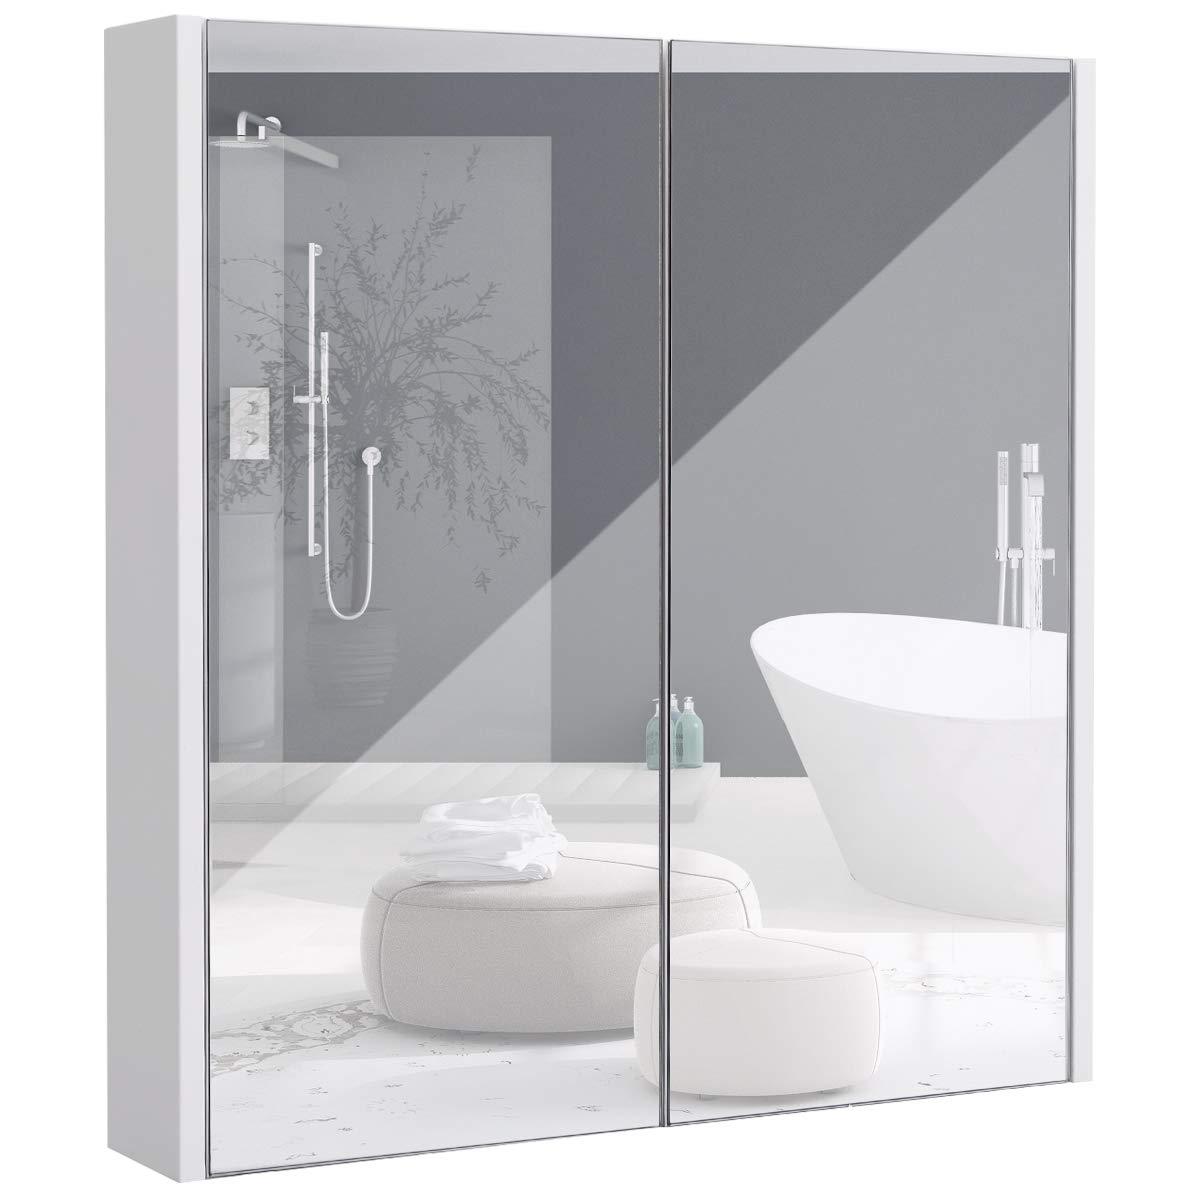 COSTWAY Spiegelschrank Badezimmer, Badezimmerspiegel mit verstellbaren Ablagen, Badezimmerspiegelschrank weiß, Wandschrank mit Spiegel, Hängeschrank 62x11x65cm